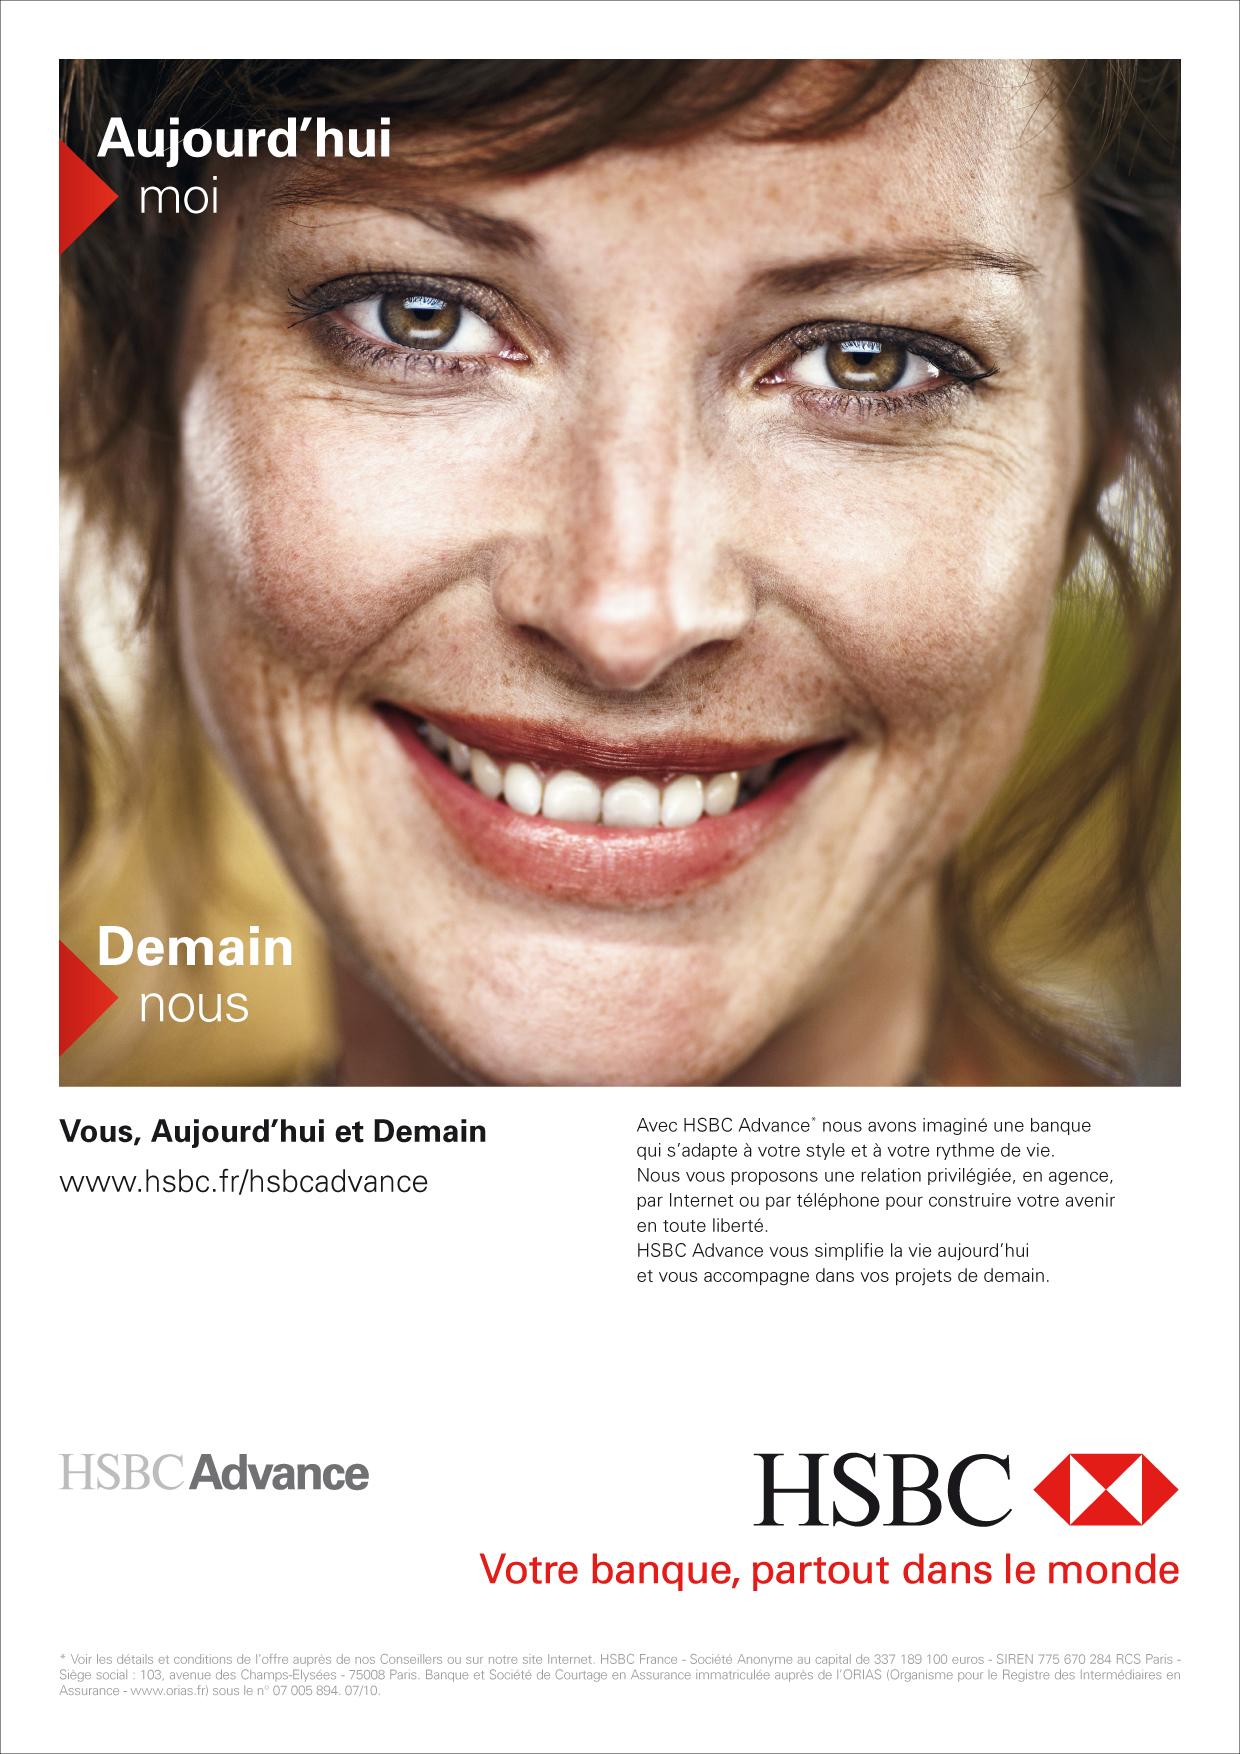 HSBC - banque,